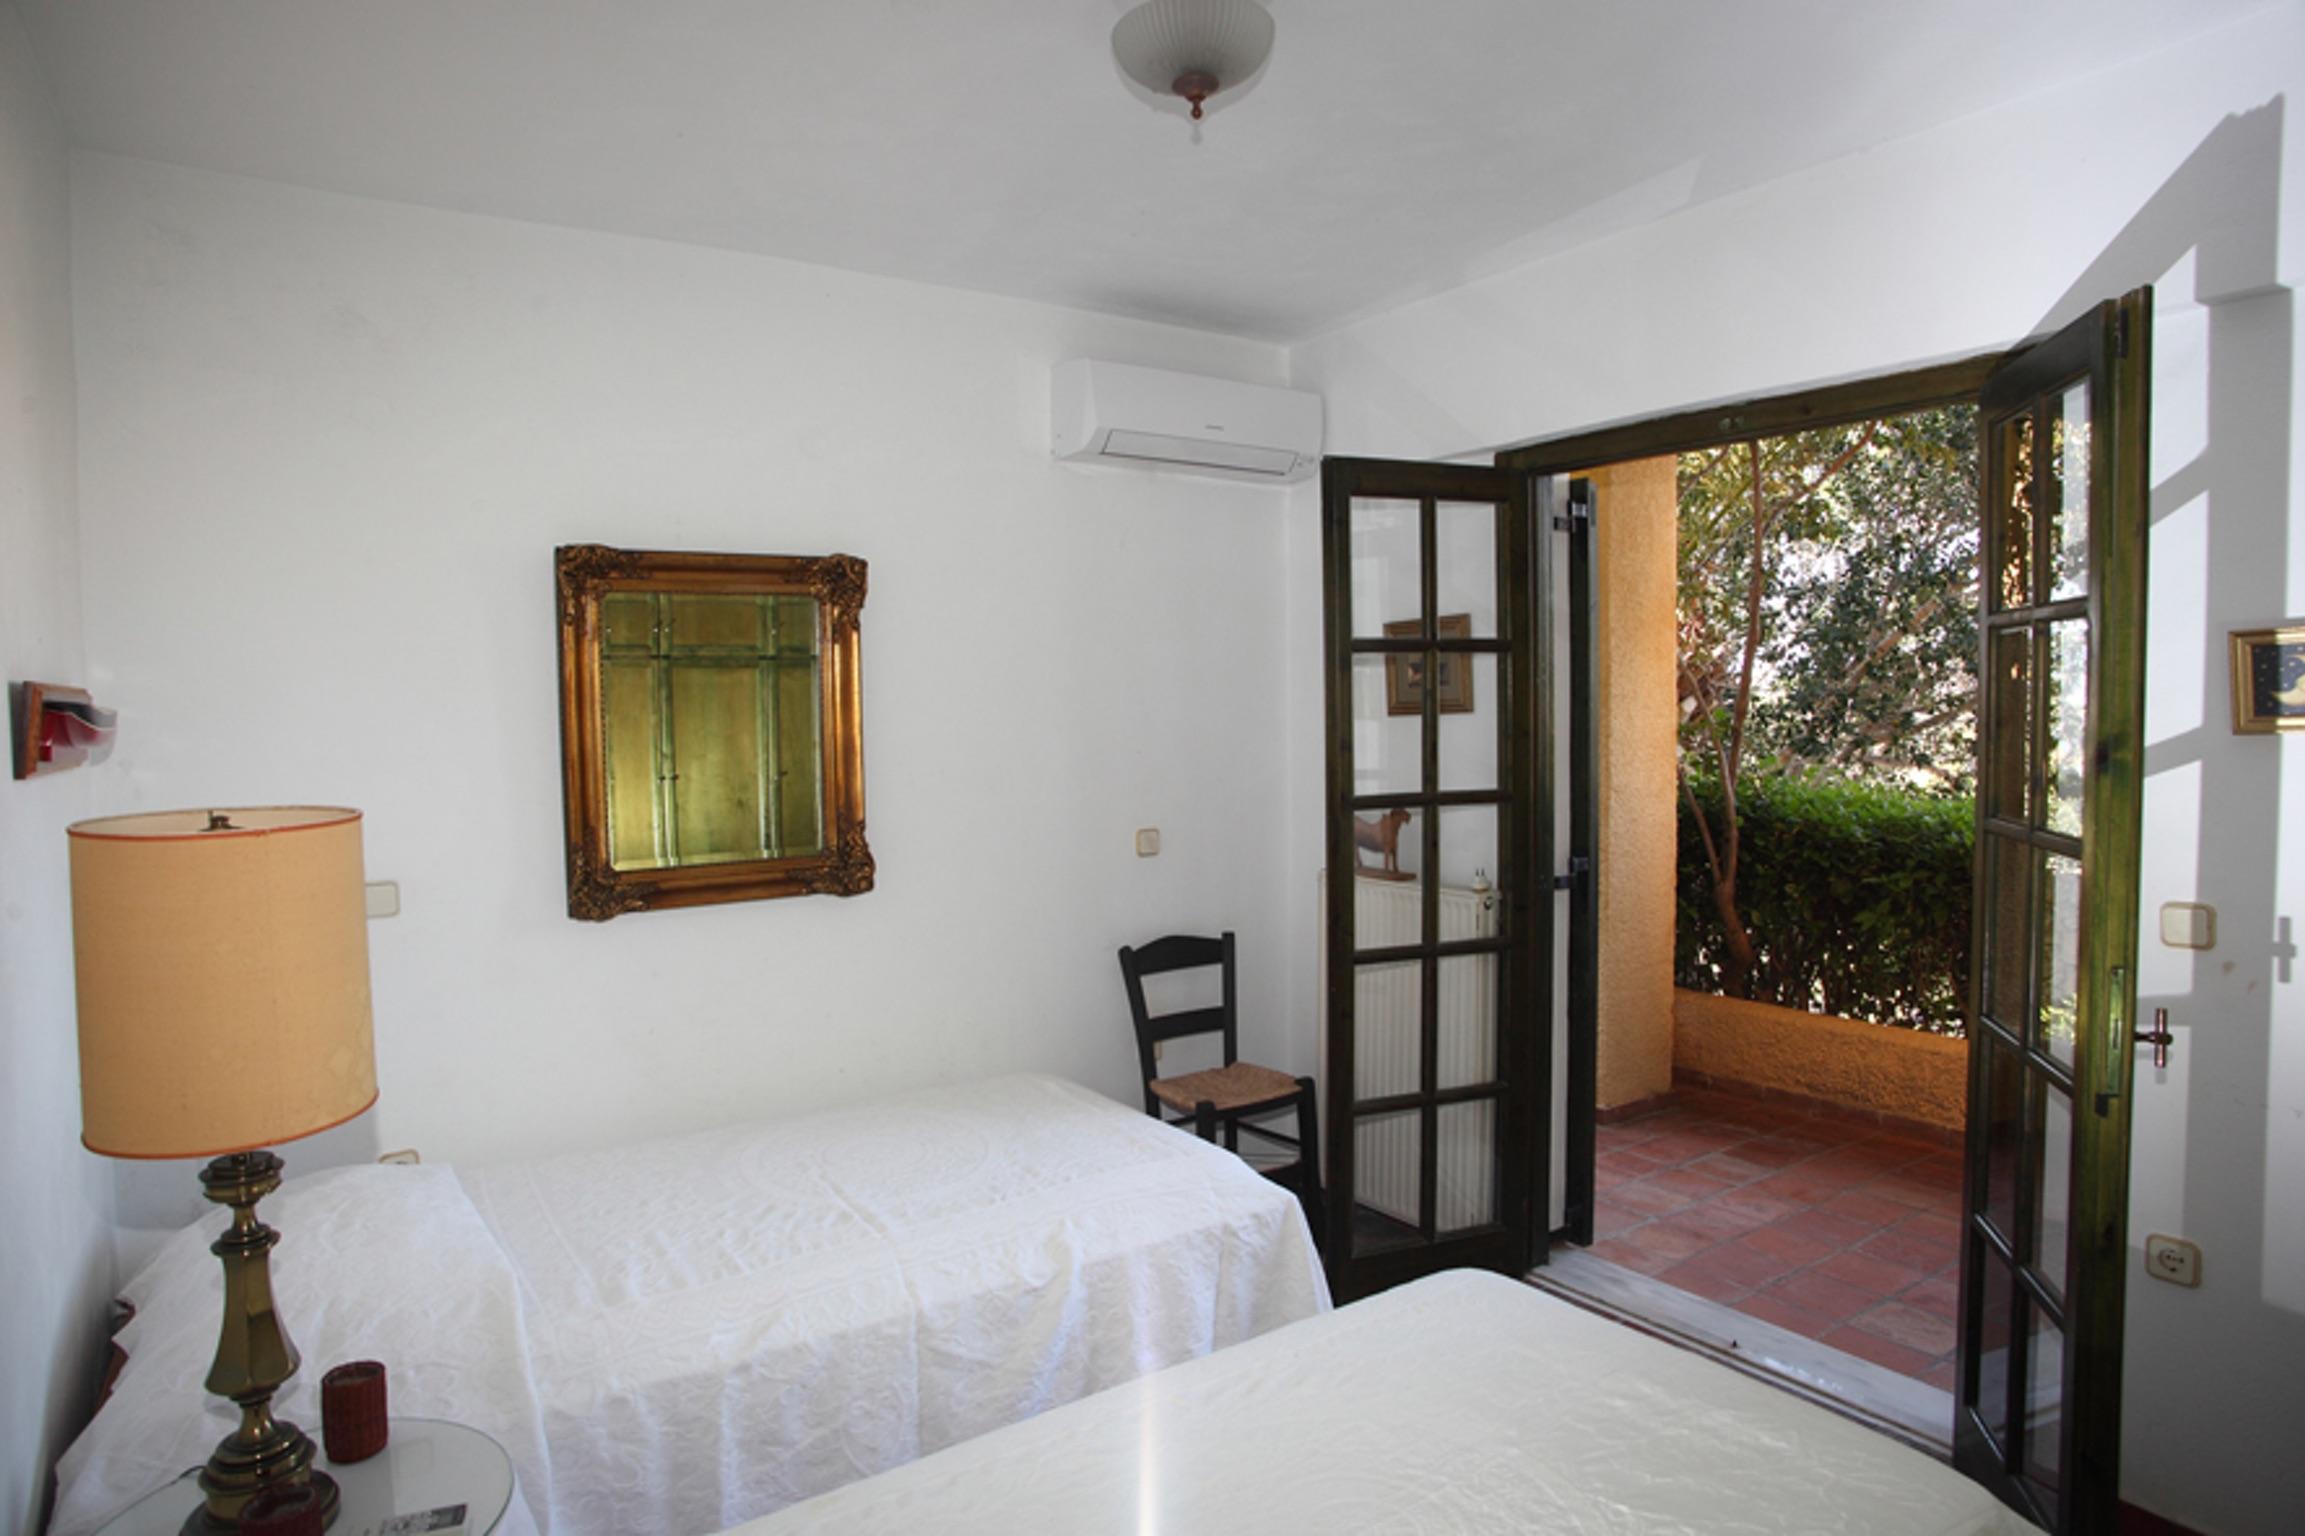 Ferienhaus Villa mit 4 Zimmern in Kosta mit herrlichem Meerblick, privatem Pool, eingezäuntem Garten  (2271451), Kosta (GR), , Peloponnes, Griechenland, Bild 10